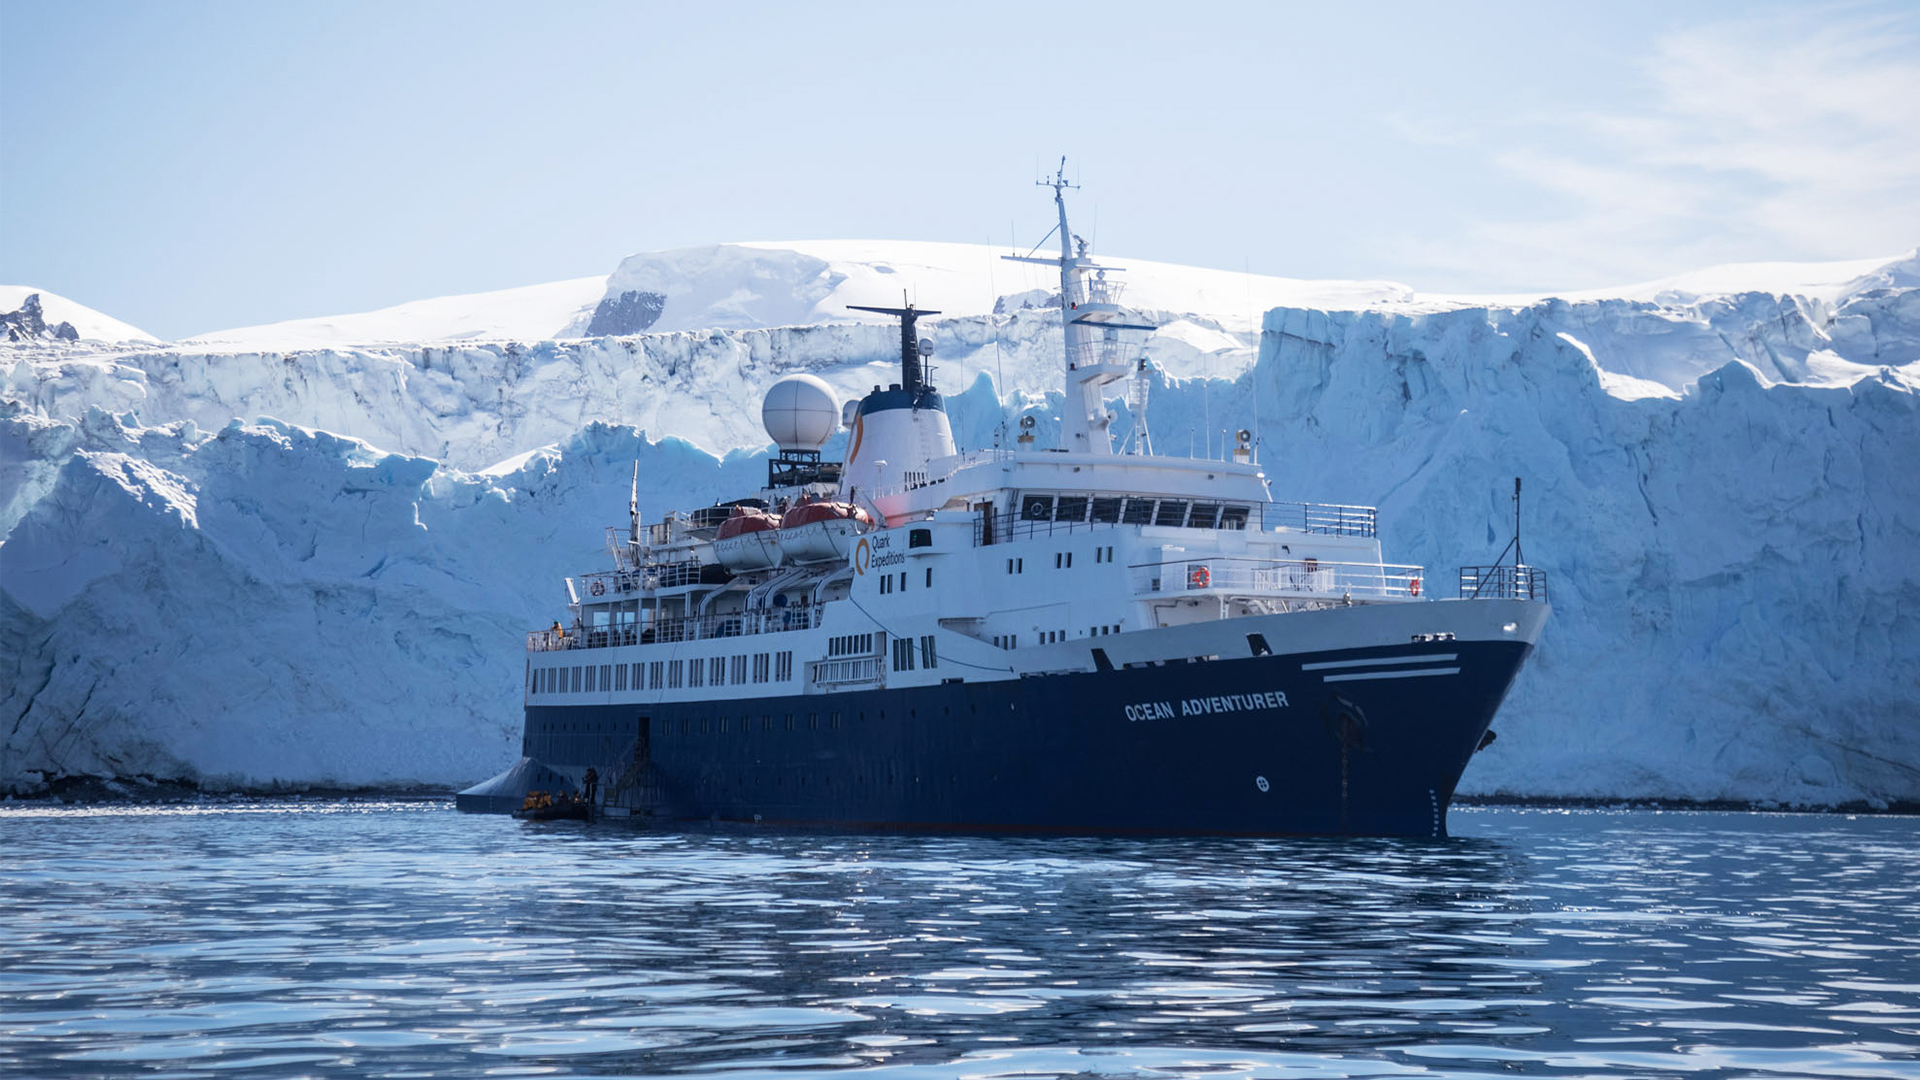 Ocean Adventurer, Quark Expeditions